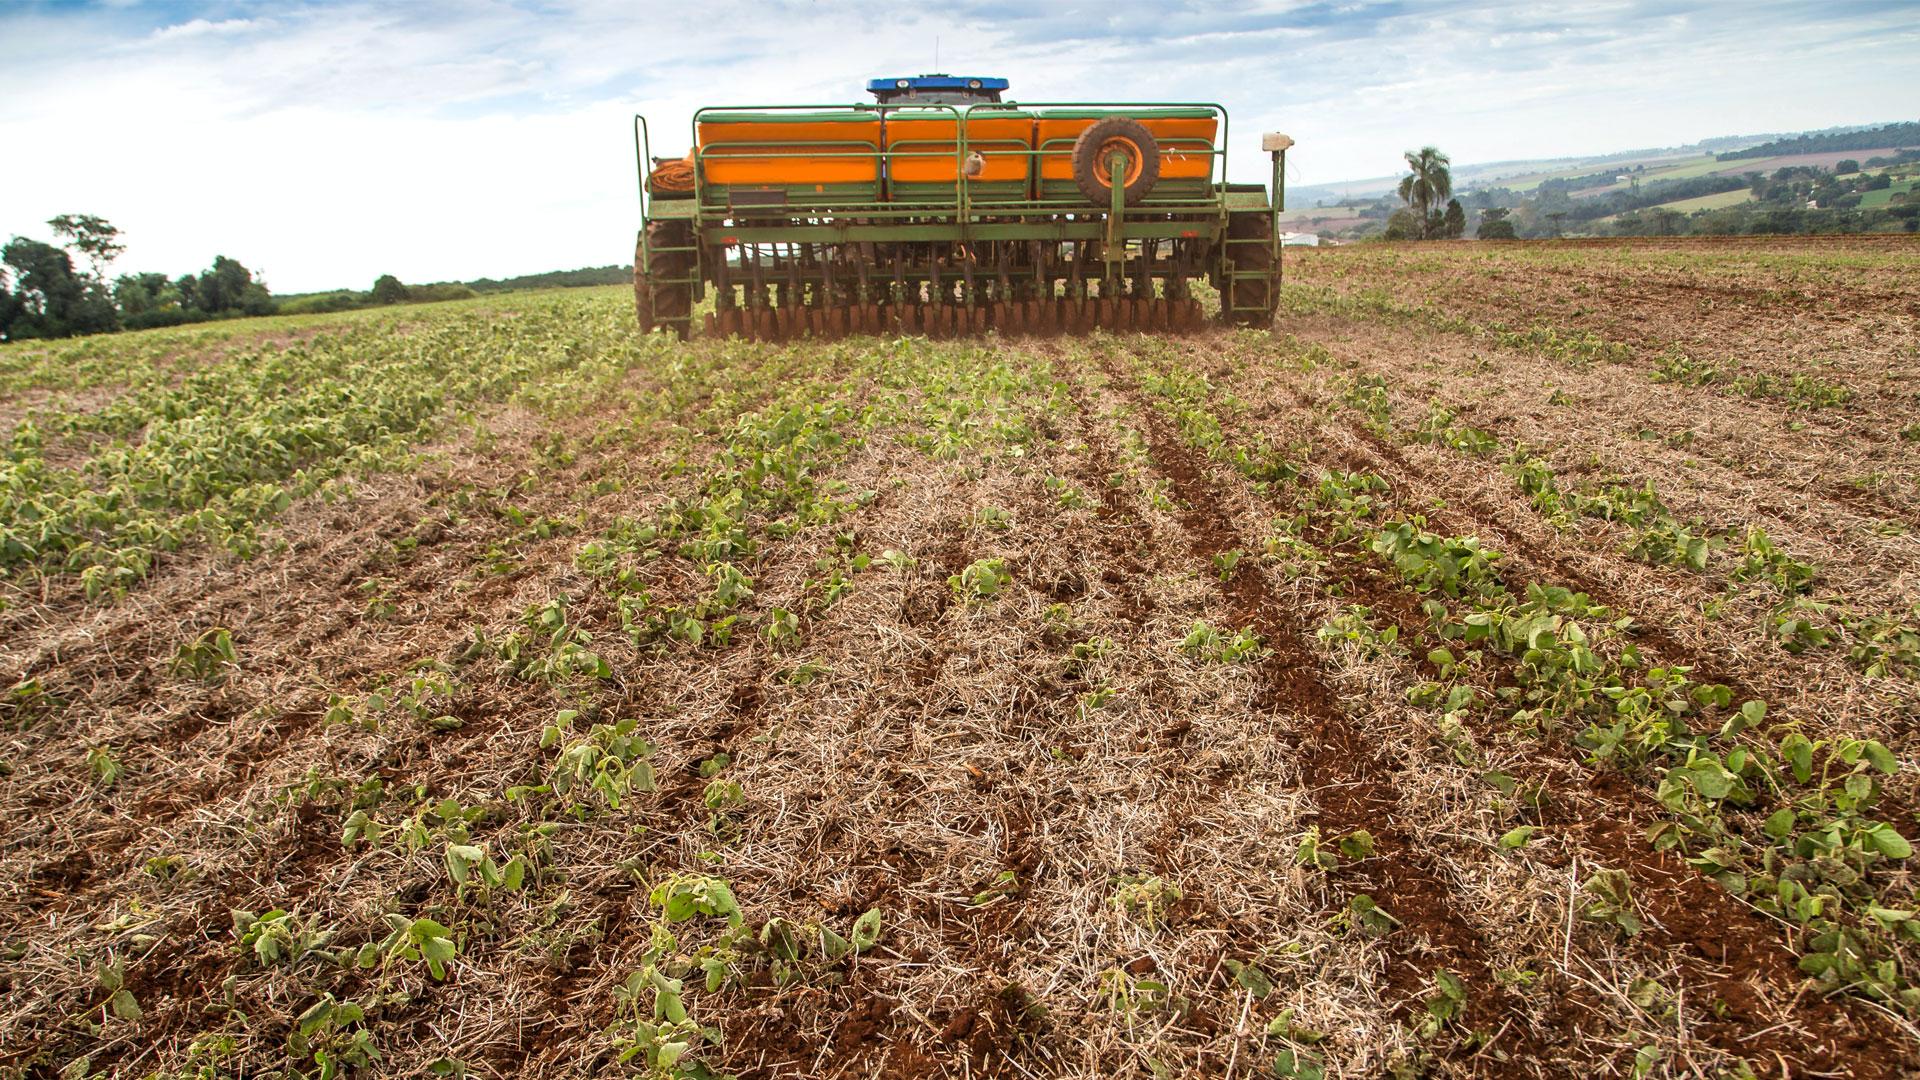 Tecnologias de adubação que enriquecem e aumentam a produtividade de solos tropicais